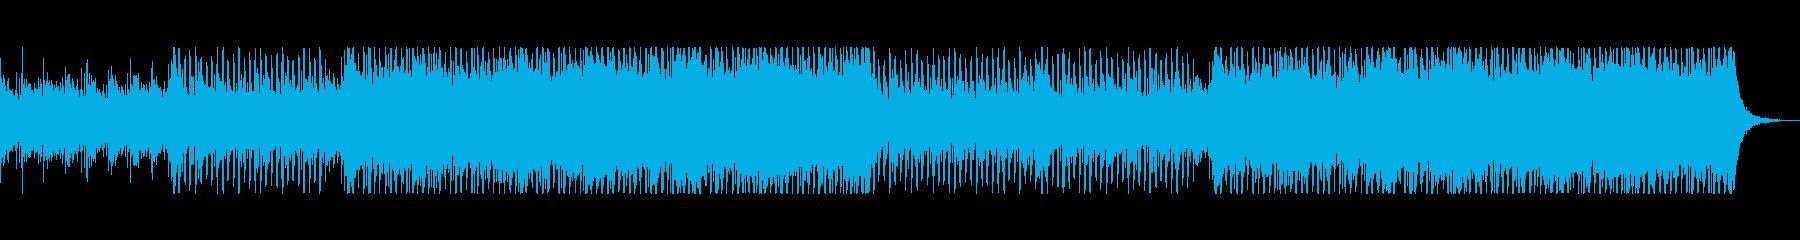 Corporate Guitar 147の再生済みの波形